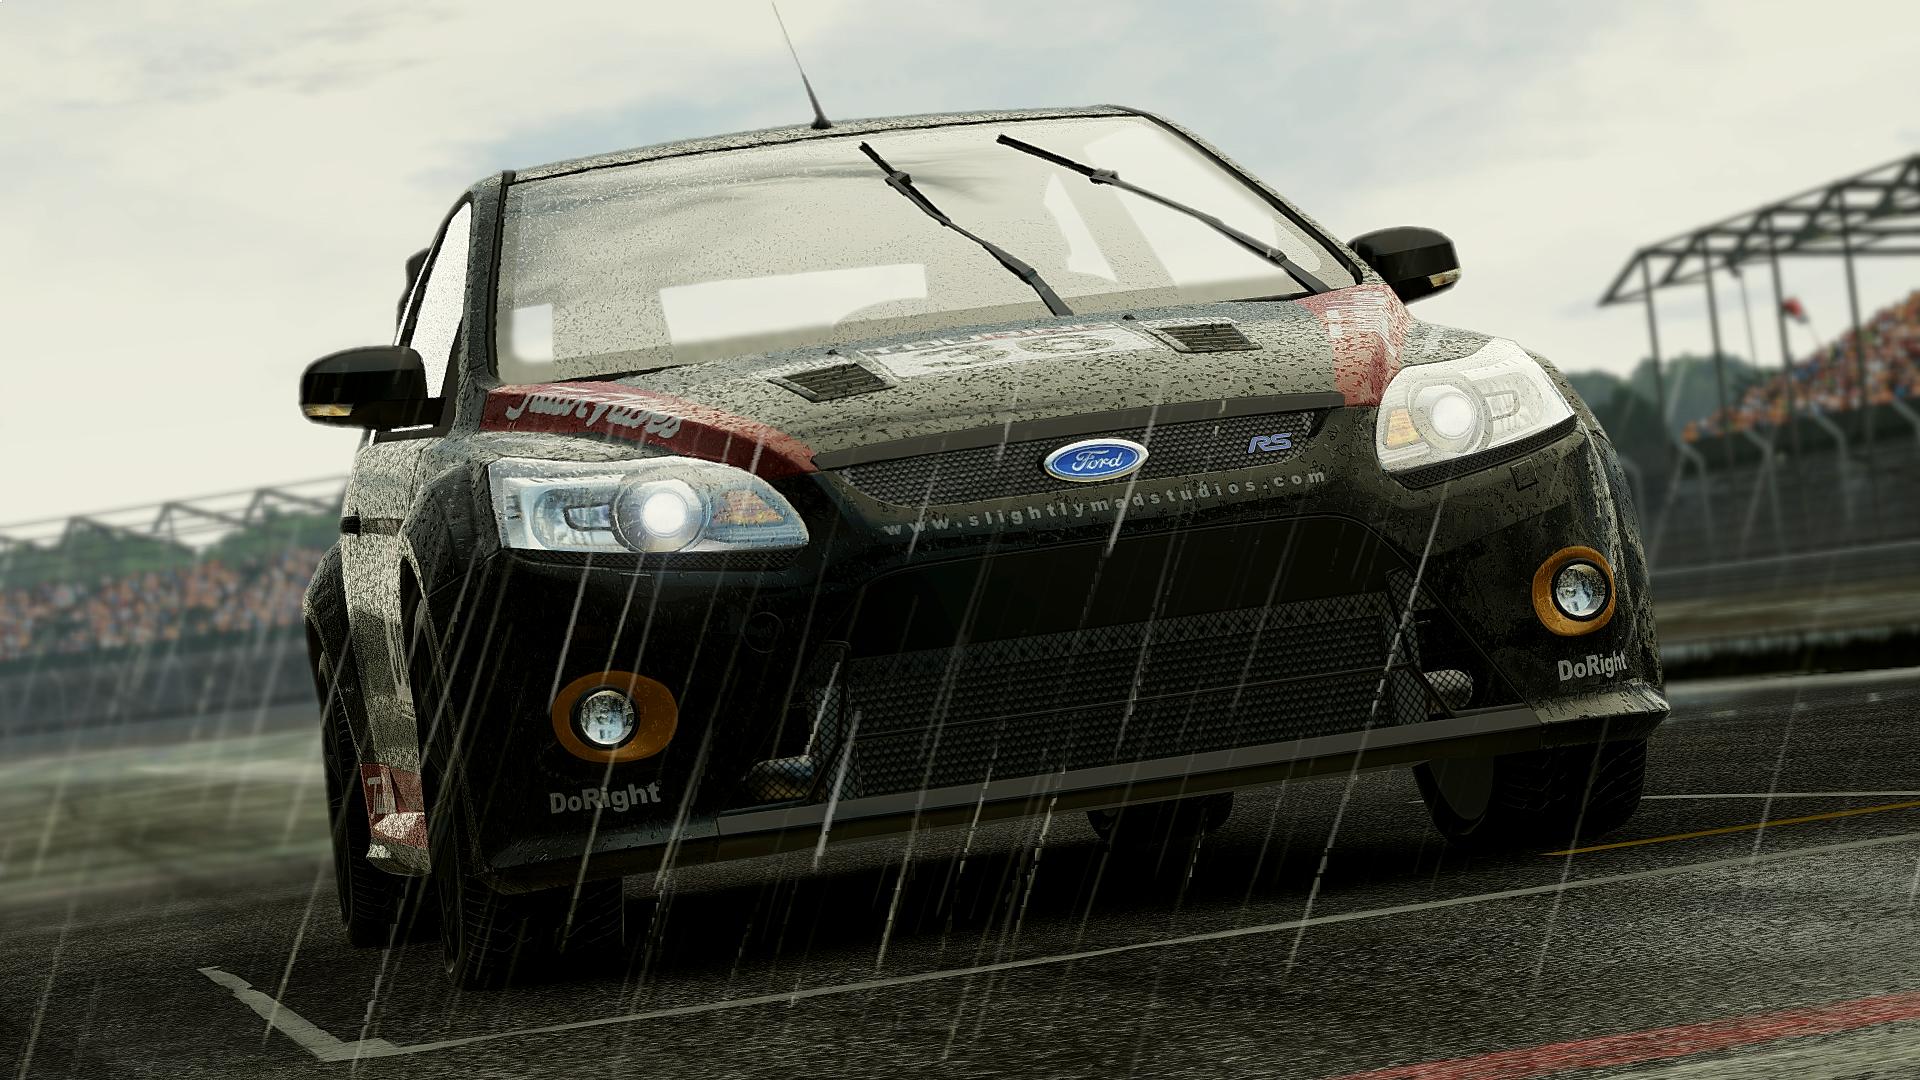 Po týdnu další úchvatné momentky z Project CARS 87271